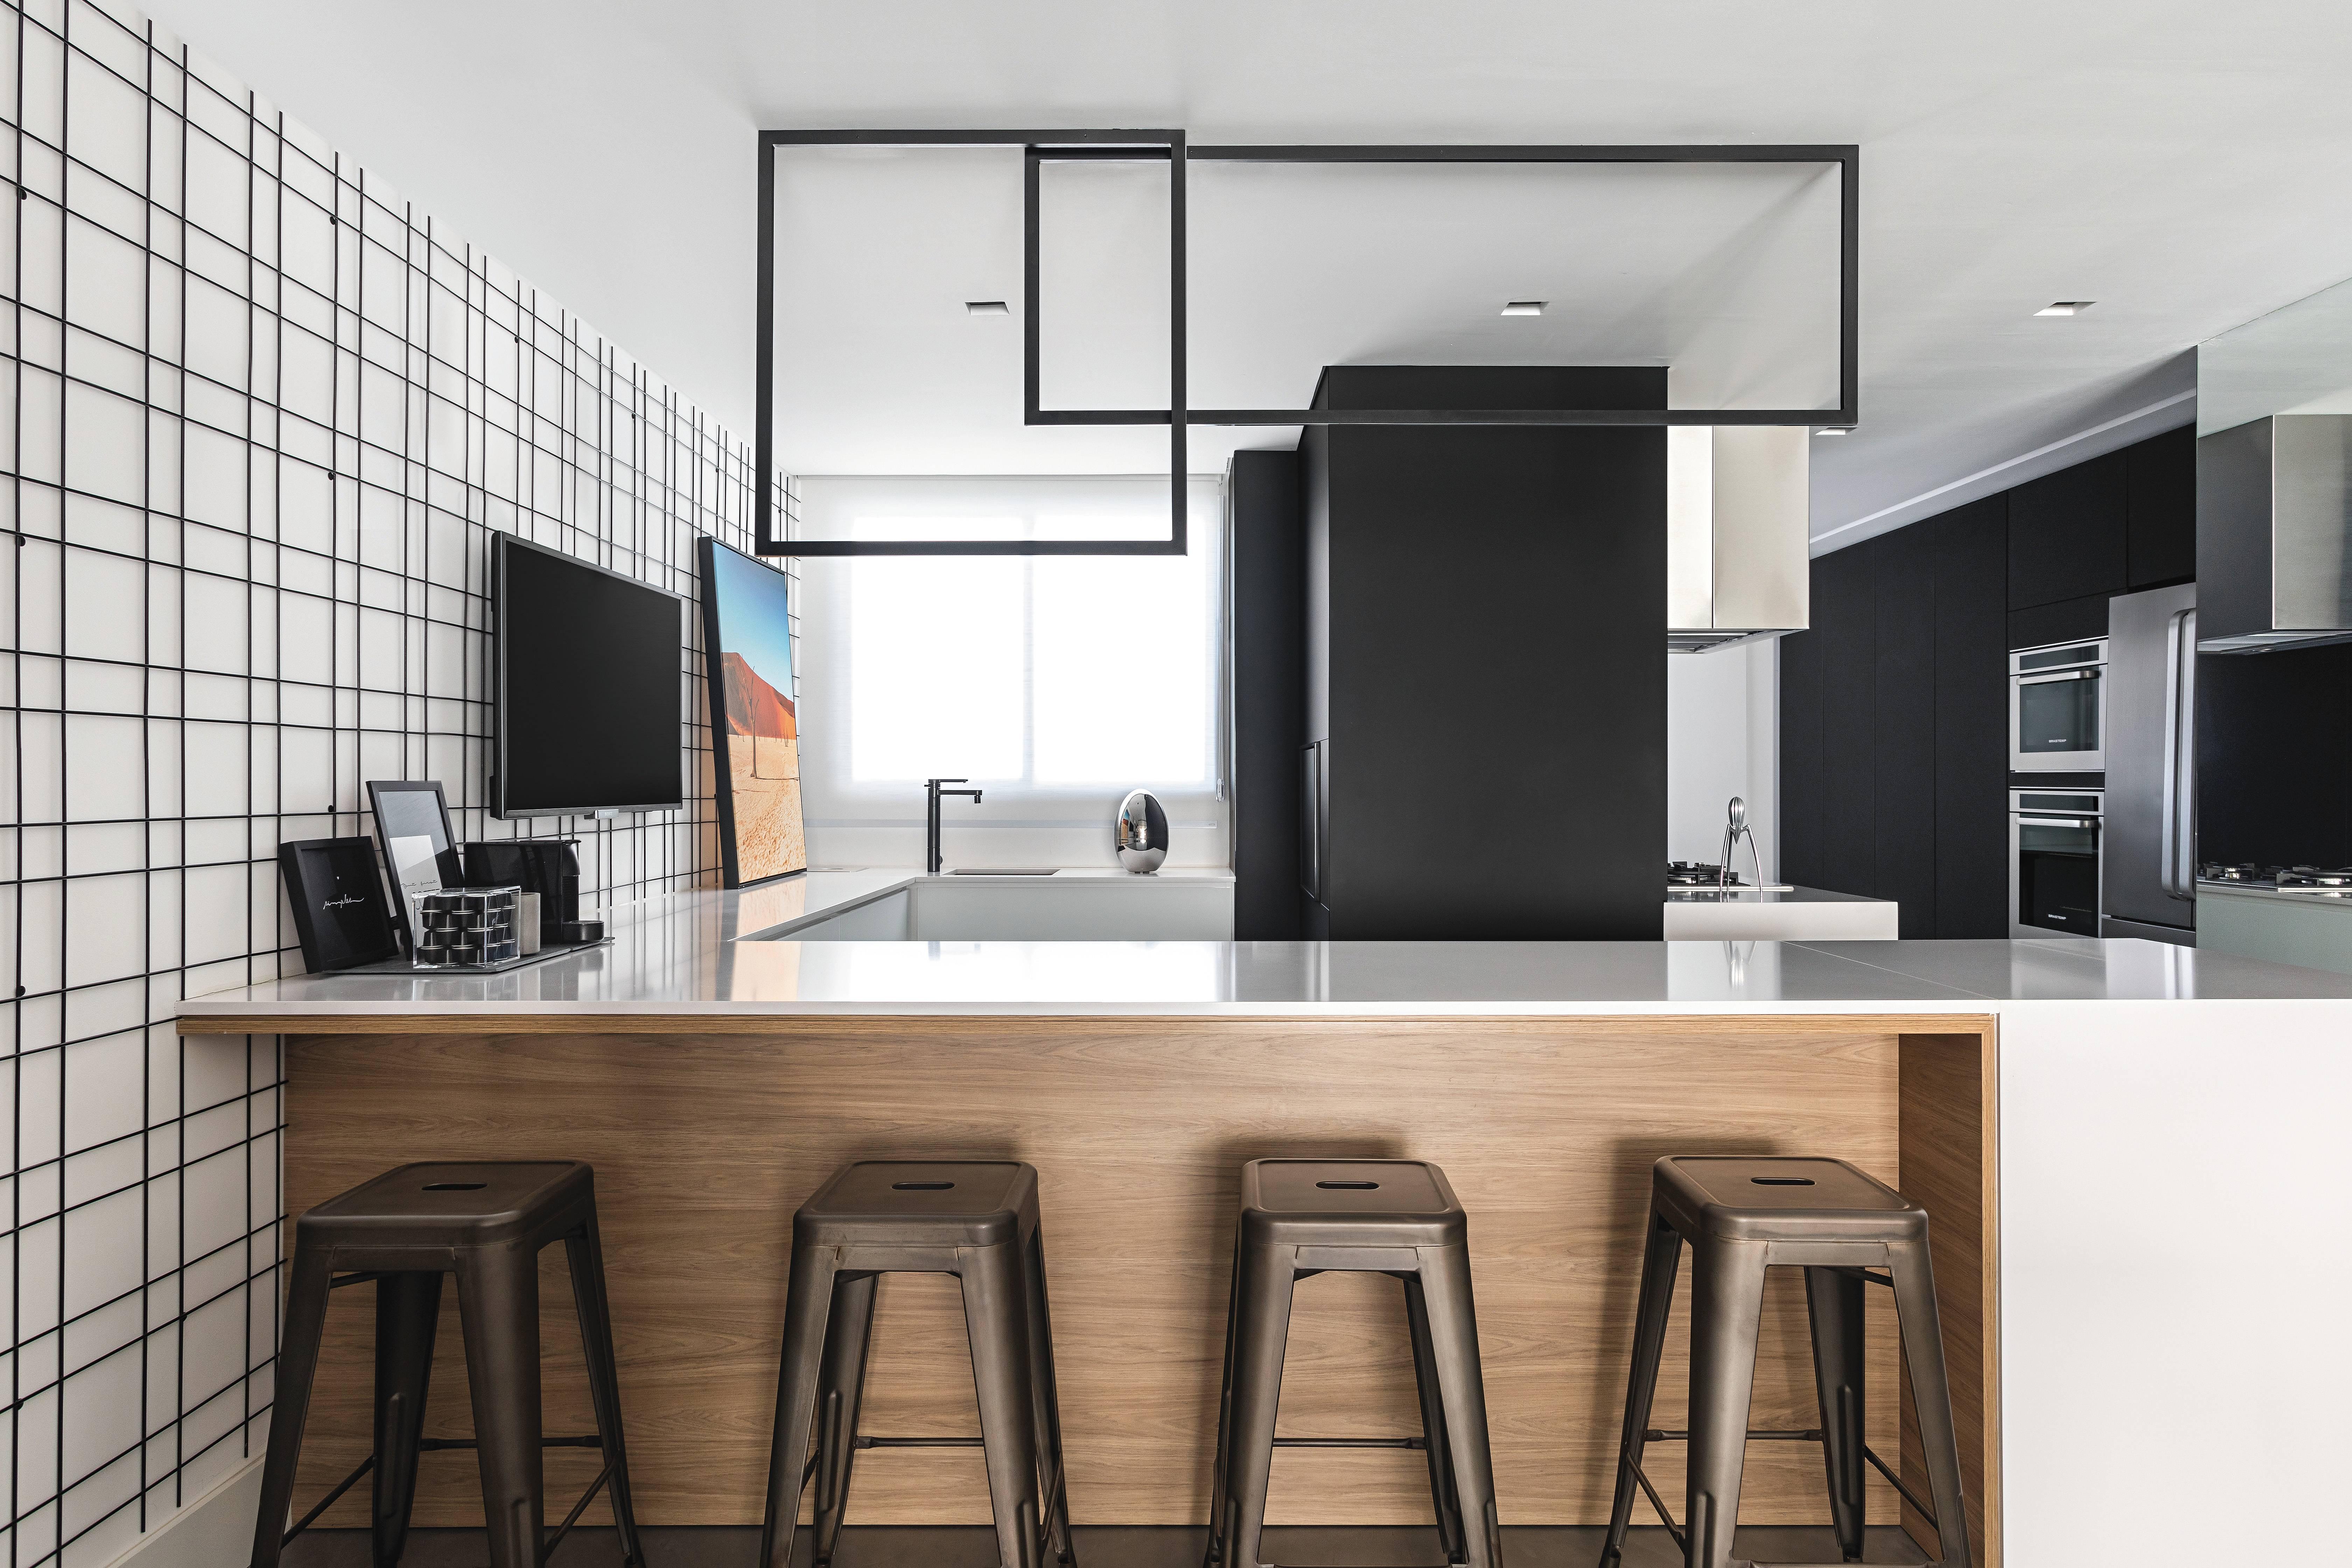 O aramado que reveste uma das paredes do chão ao teto é ponto de destaque na cozinha integrada com a churrasqueira. Foto: Eduardo Macarios